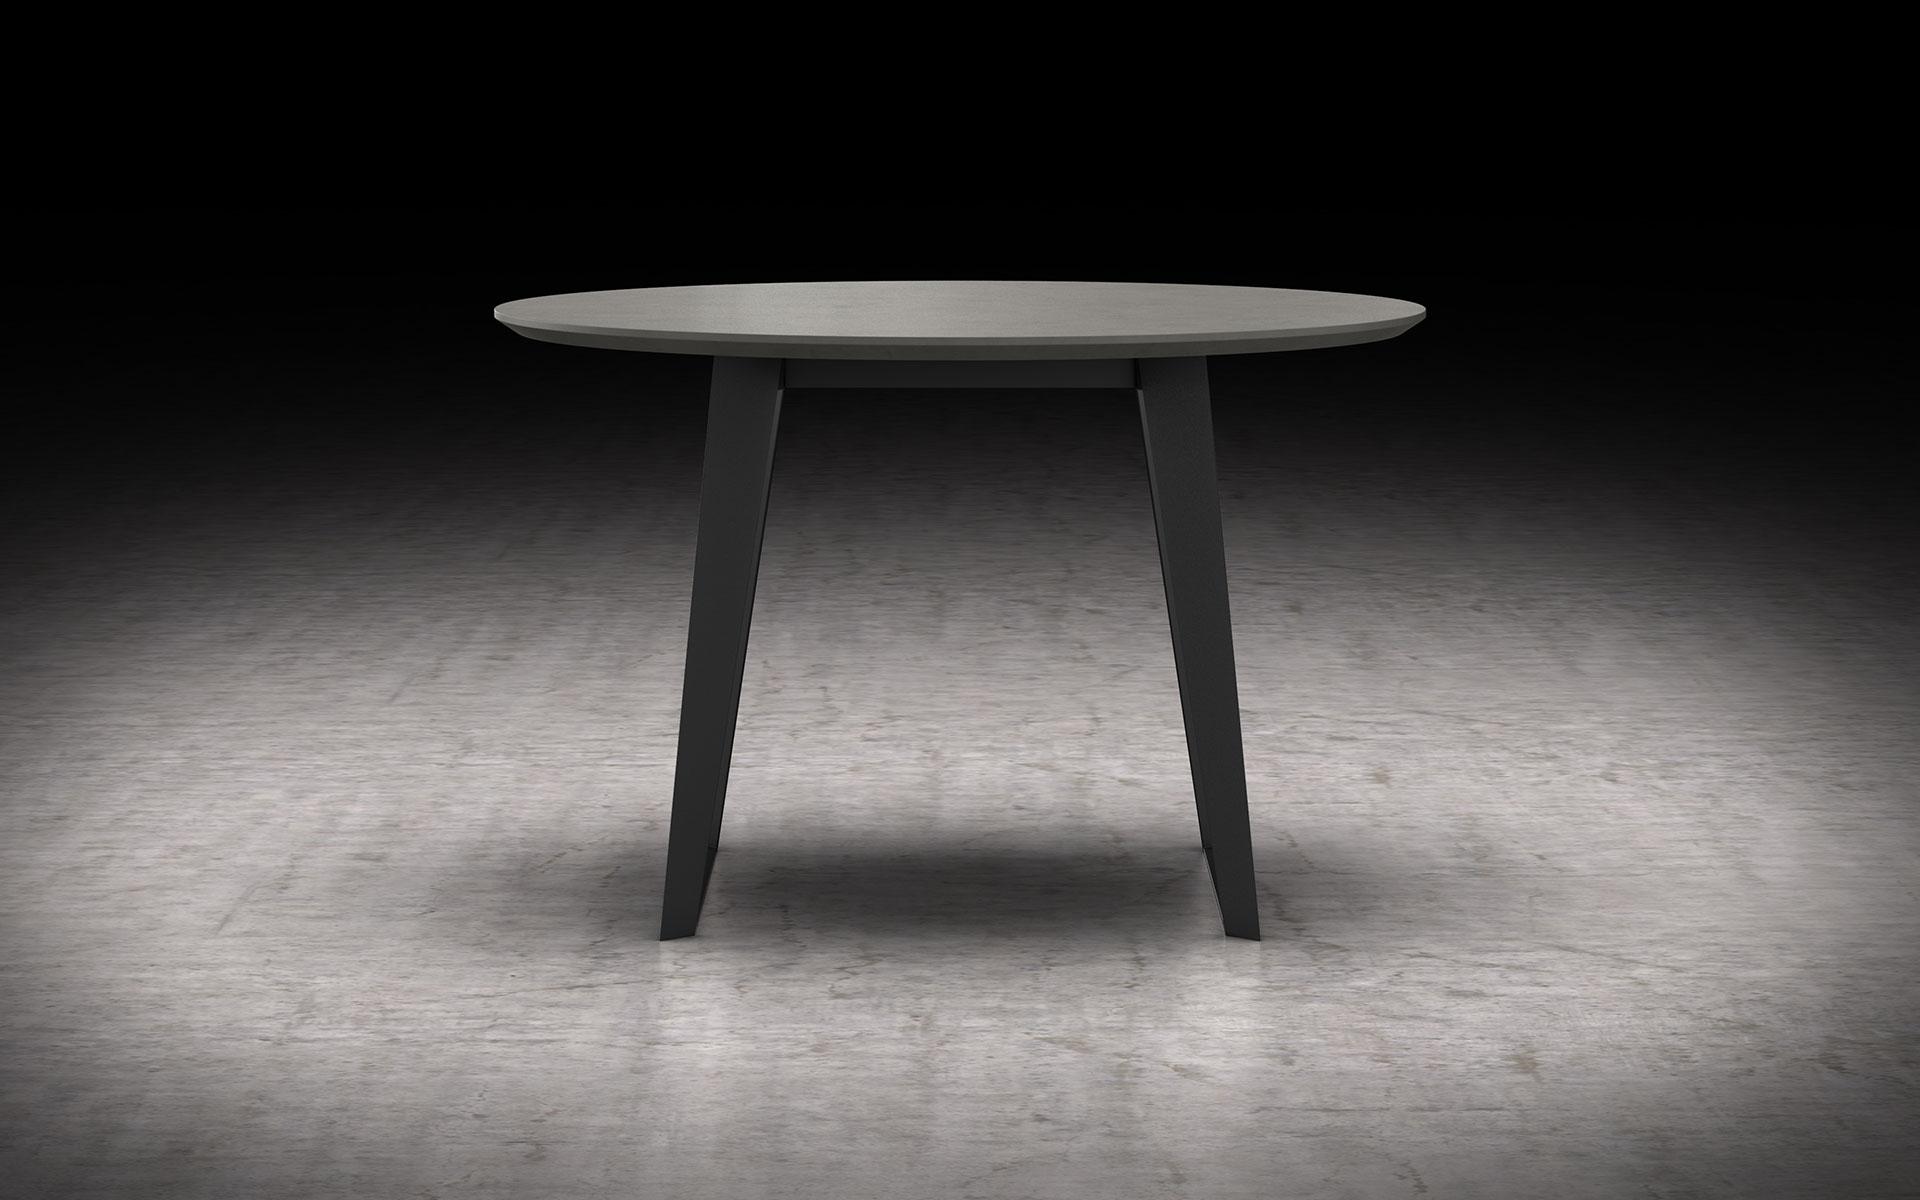 Home Spirit Destockage Élégant Galerie Résultat Supérieur 60 Luxe Table De Bar Cuisine Galerie 2018 Ojr7